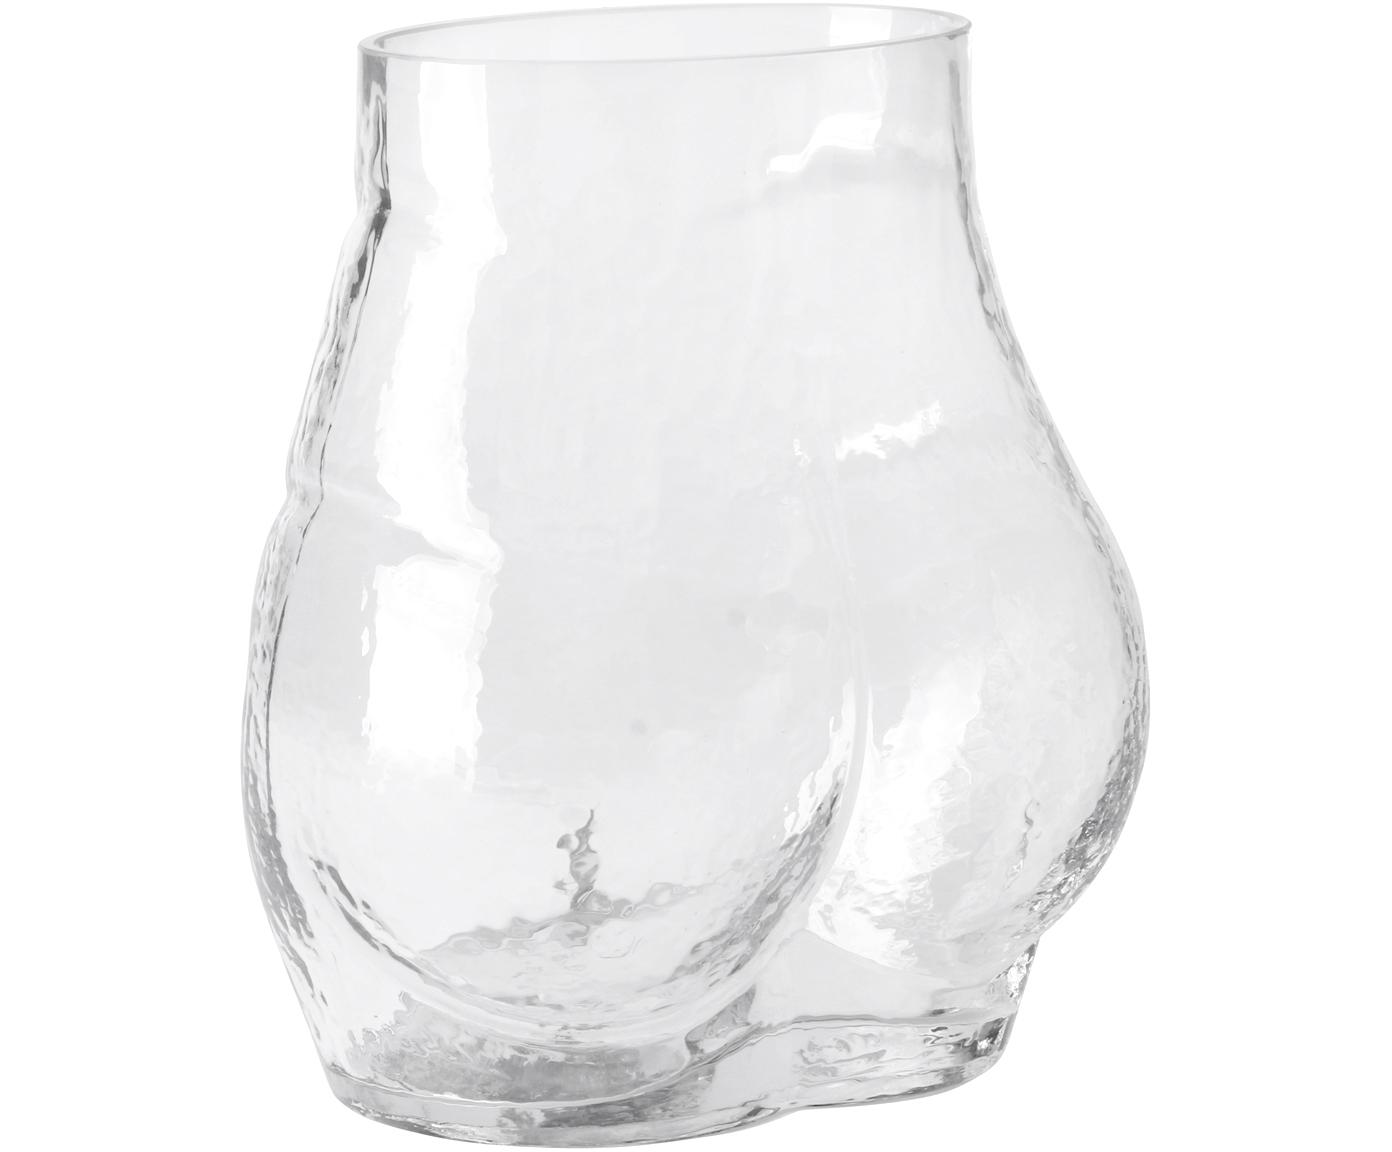 Vaso in vetro Peach, Vetro, Trasparente, Larg. 20 x Alt.23 cm